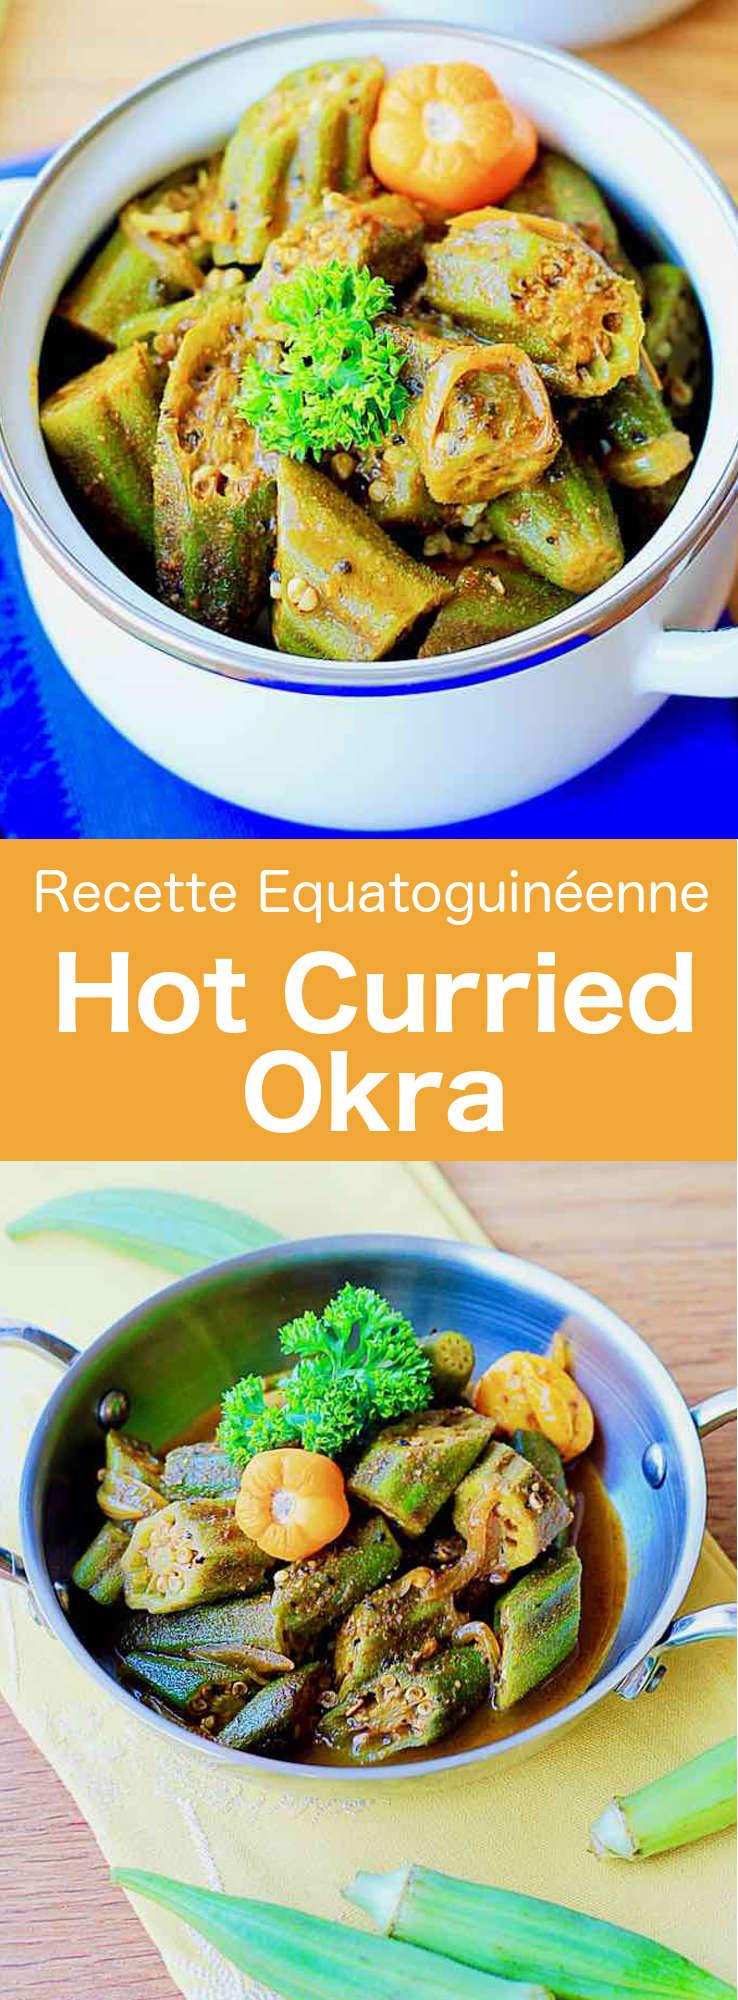 Le hot curried okra est un délicieux plat végétarien épicé, populaire en Guinée Equatoriale, à base de gombo et de piment habanero. #GuinéeEquatoriale #CuisineAfricaine #RecetteAfricaine #CuisineDuMonde #196flavors